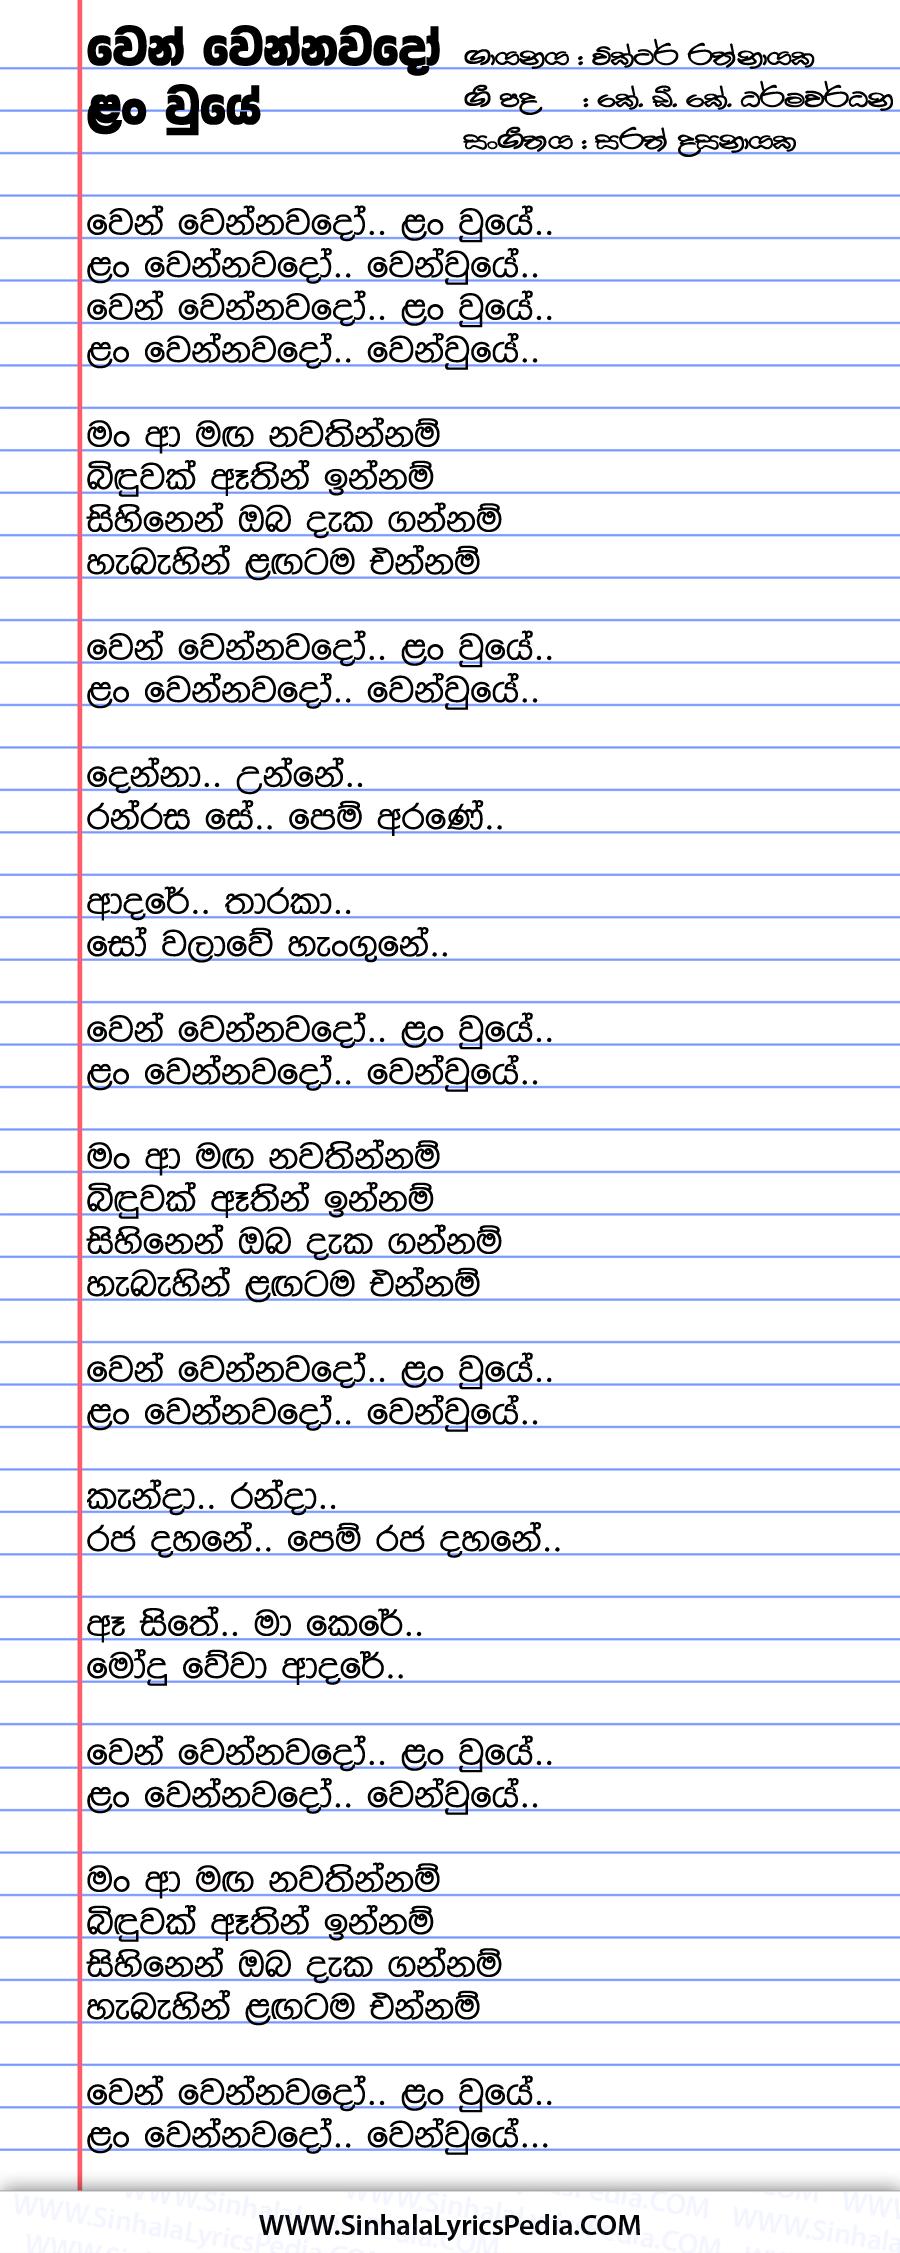 Wenwennawado Lanwuye Song Lyrics